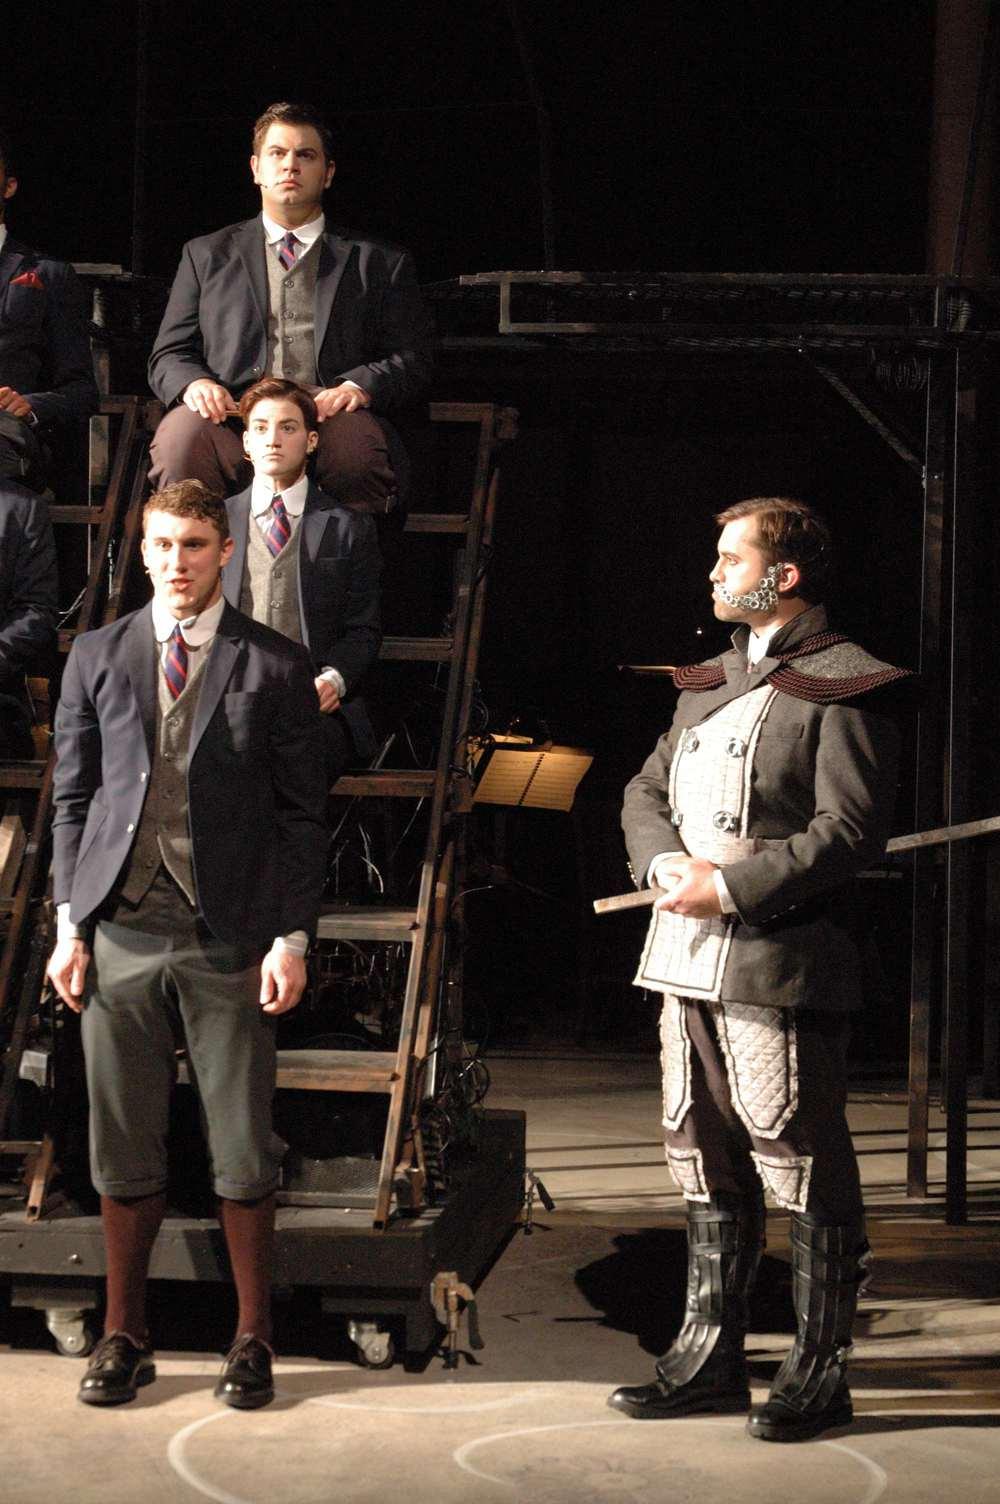 Herr Knochenbruch (Adam Thatcher) reprimands Melchior Gabor (David Kaplinsky)